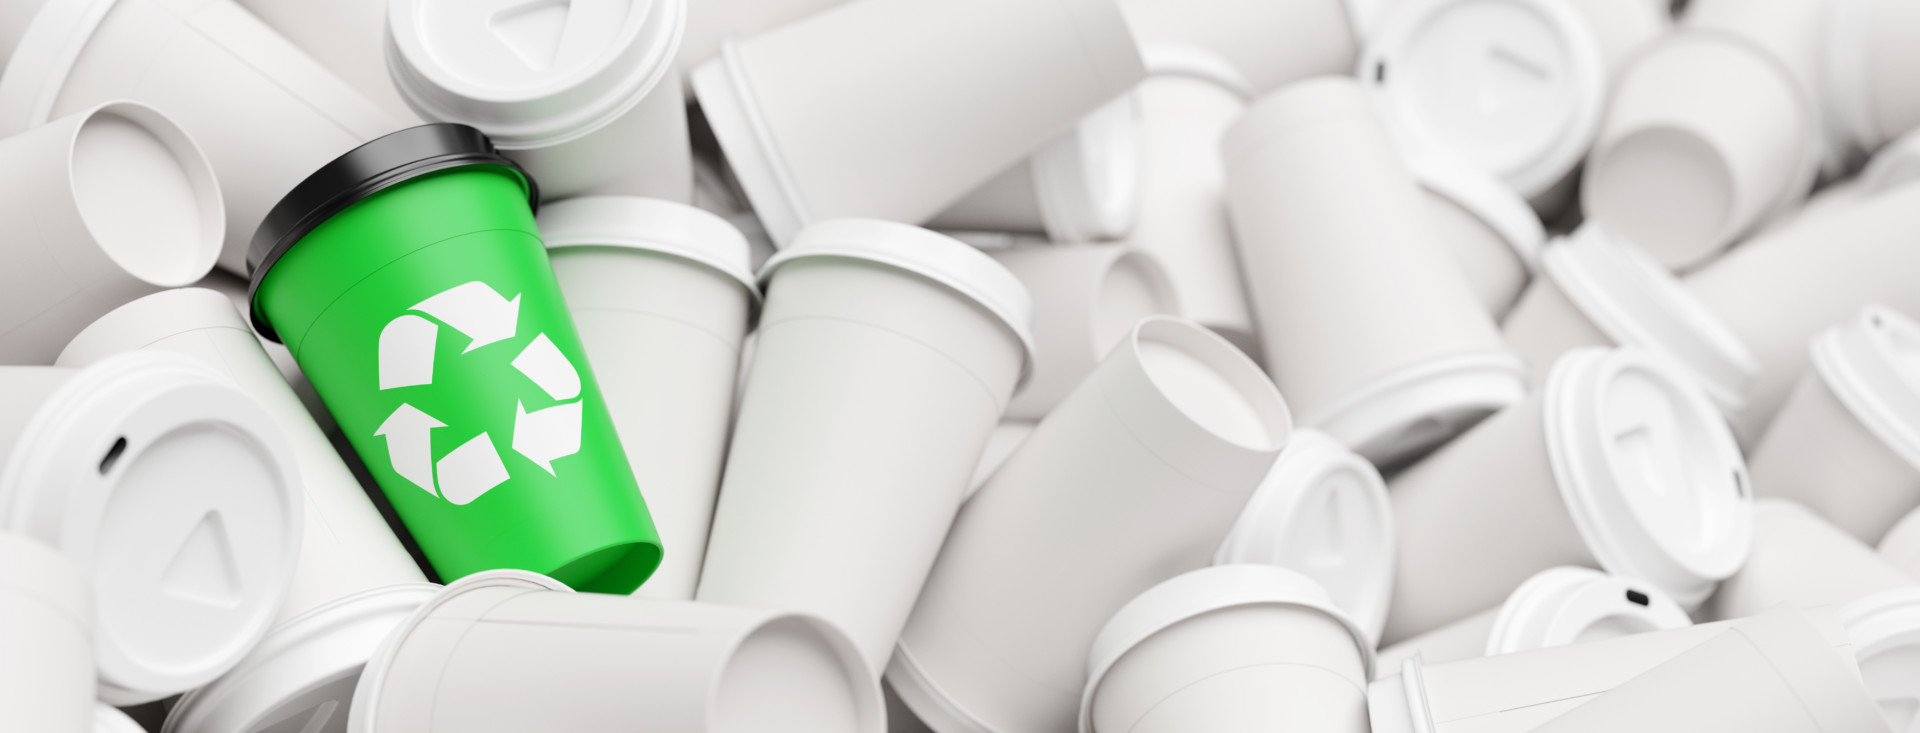 Aus einem Haufen von Abfall Kaffeebechern sticht ein Becher mit einem grünem Recycling Logo heraus